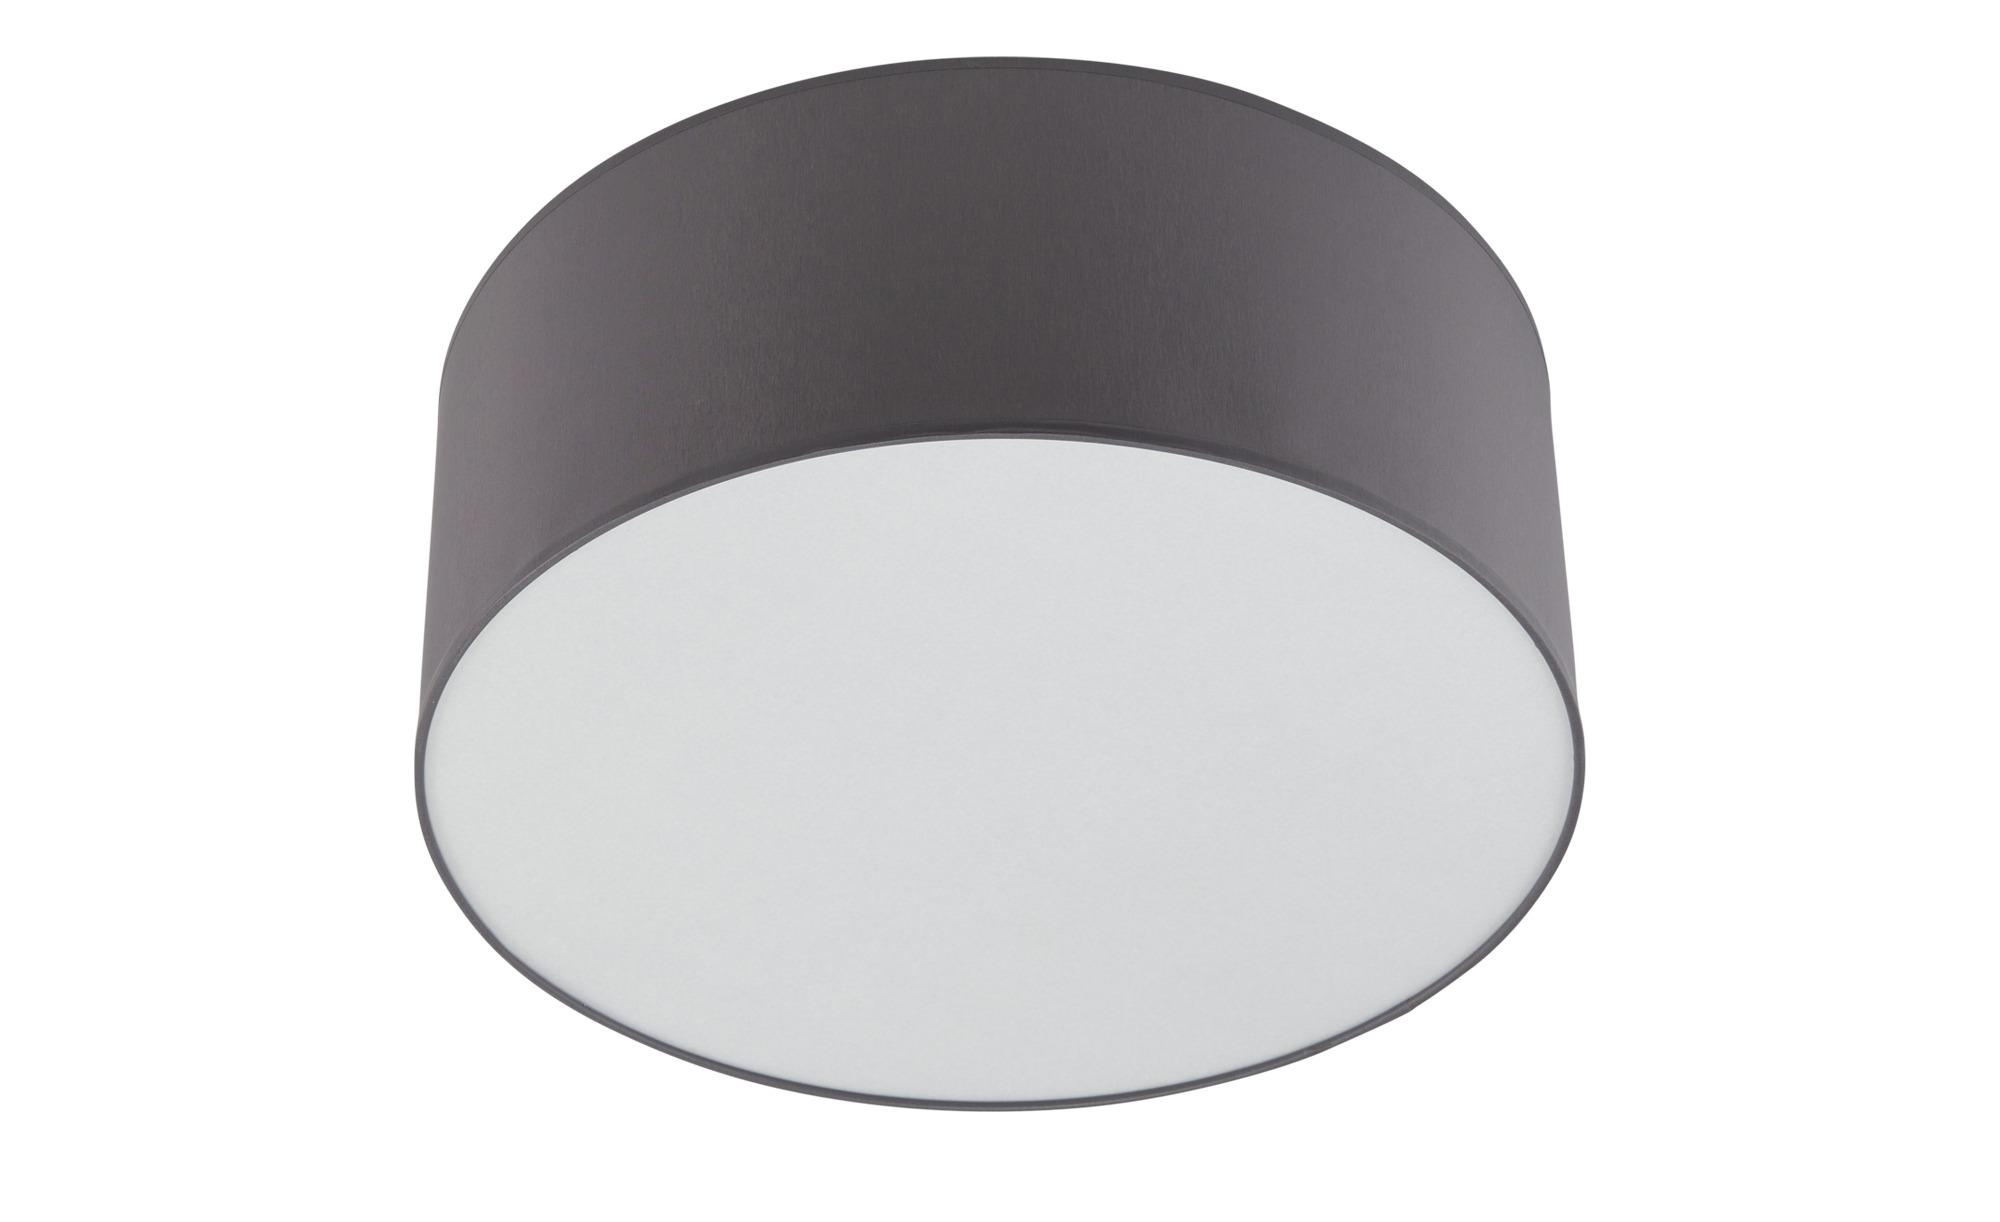 LED-Deckenleuchte, 1-flammig, Stoff grau ¦ grau ¦ Maße (cm): H: 20 Ø: 50 Lampen & Leuchten > Innenleuchten > Deckenleuchten - Höffner